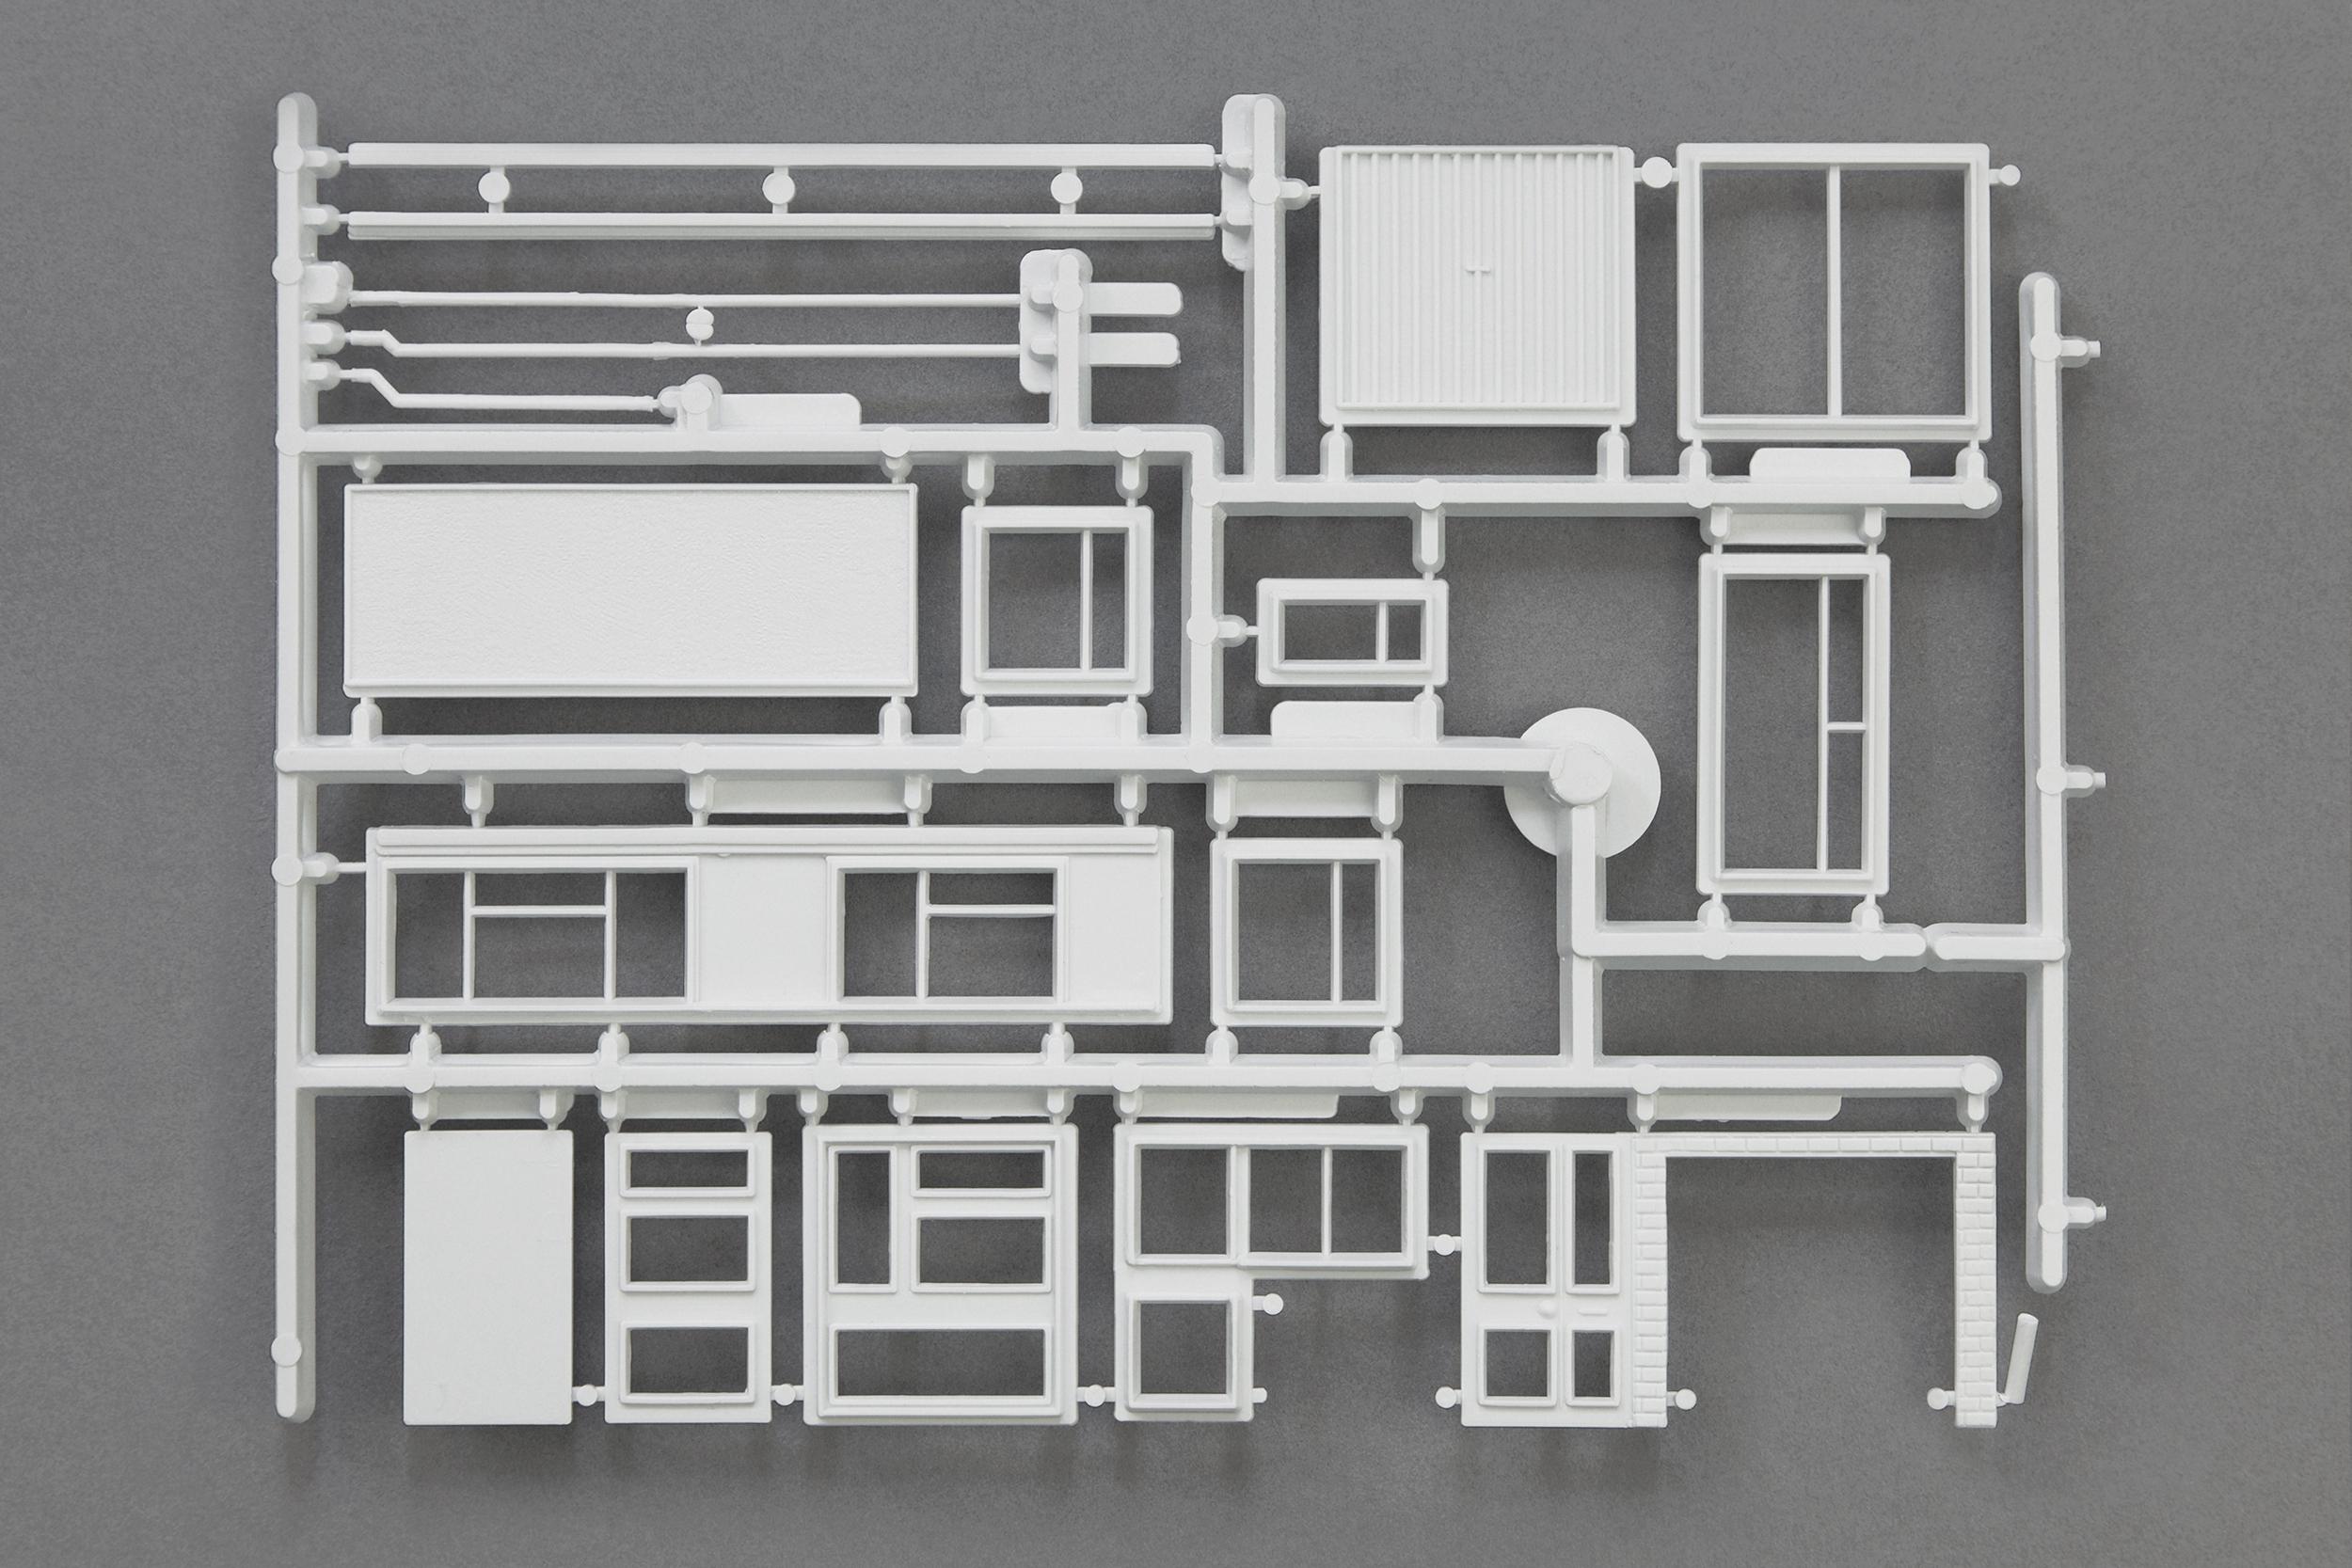 R.275 Modern House 10275.02.01, 2012